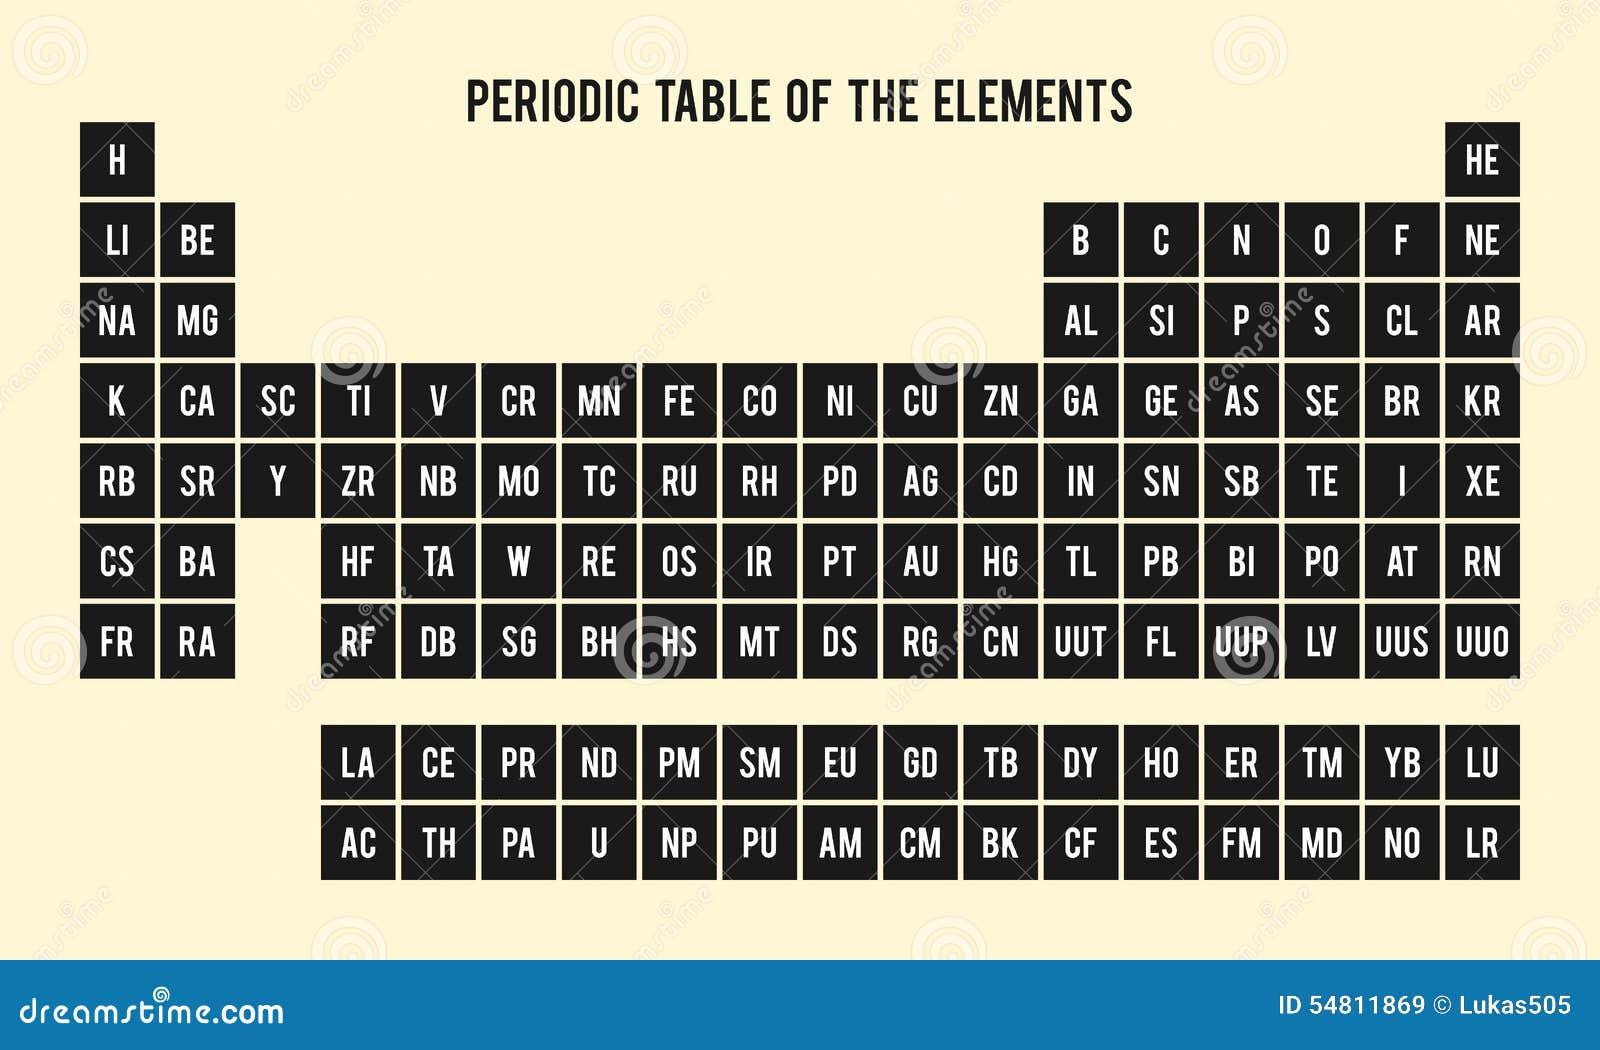 Tabla peridica de los elementos smbolos qumicos ilustracin del tabla peridica de los elementos smbolos qumicos urtaz Gallery